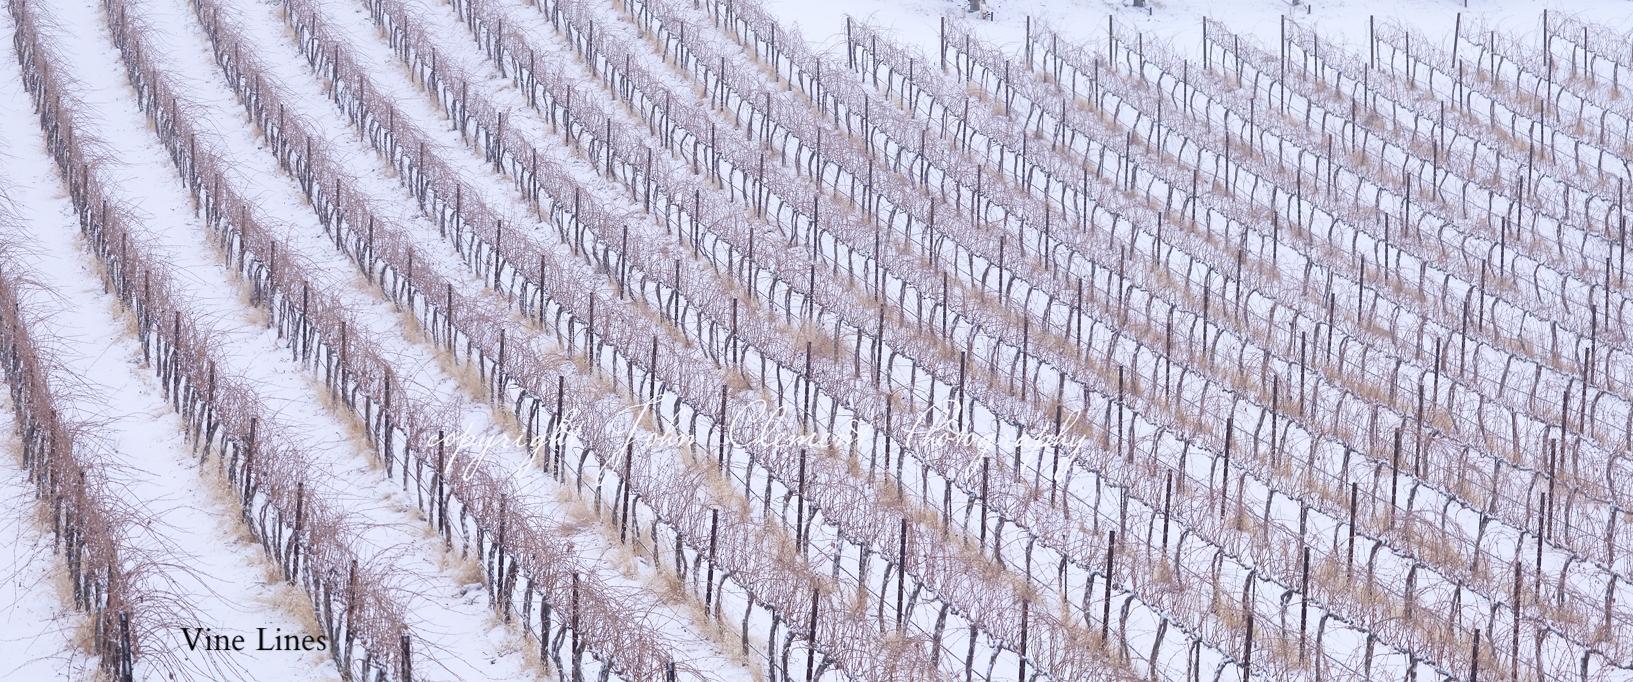 vine patterns2.jpg